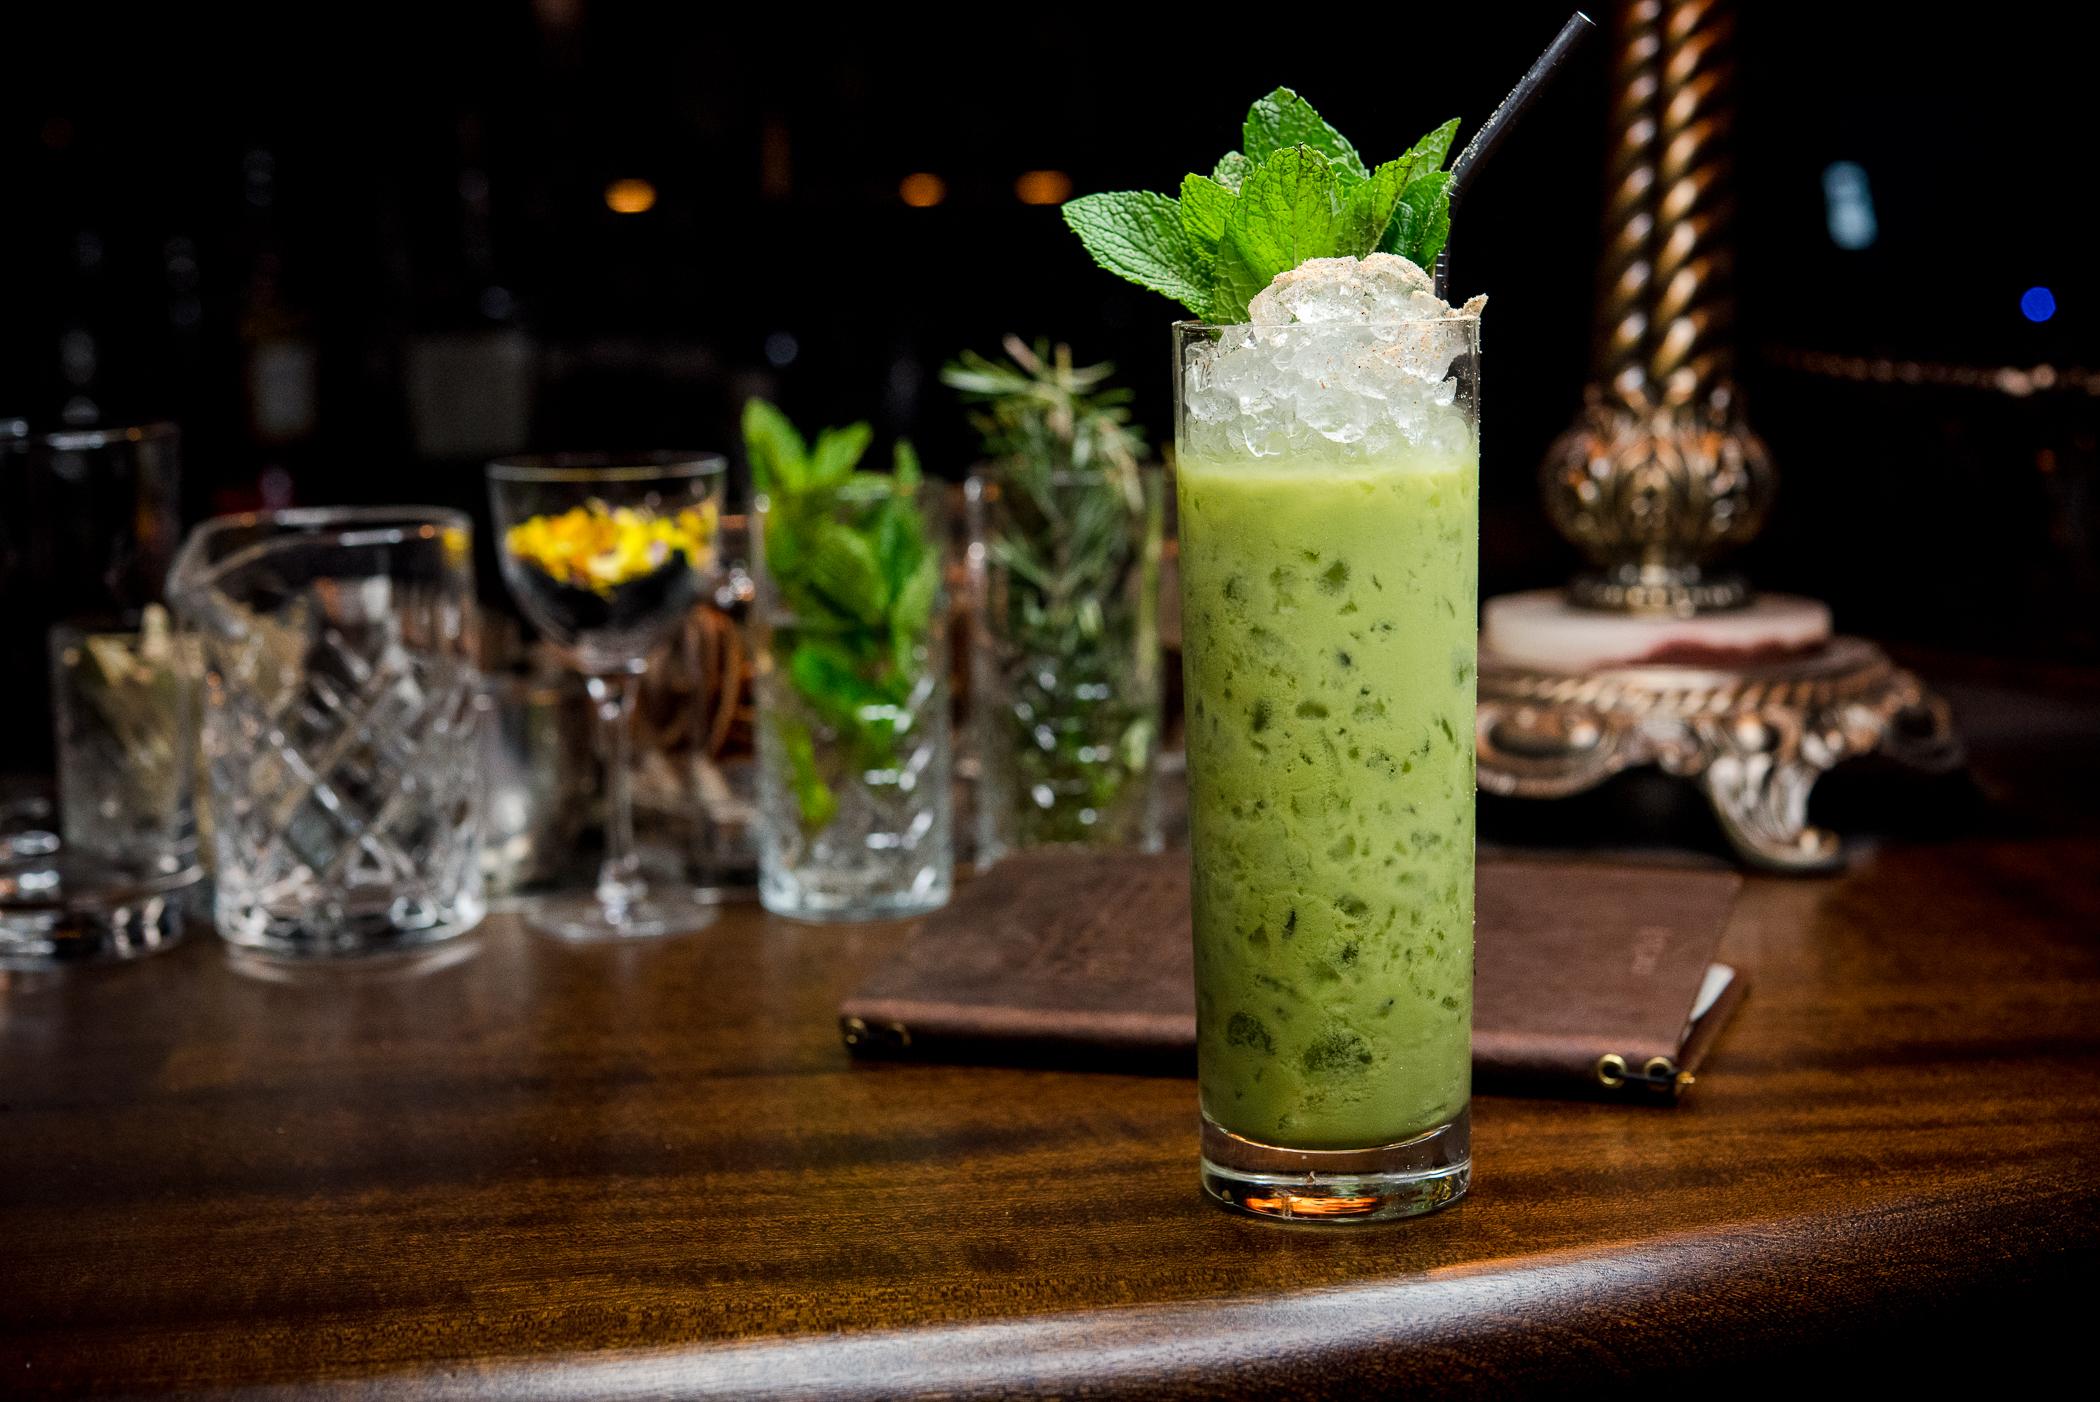 Фото коктейля в стакане